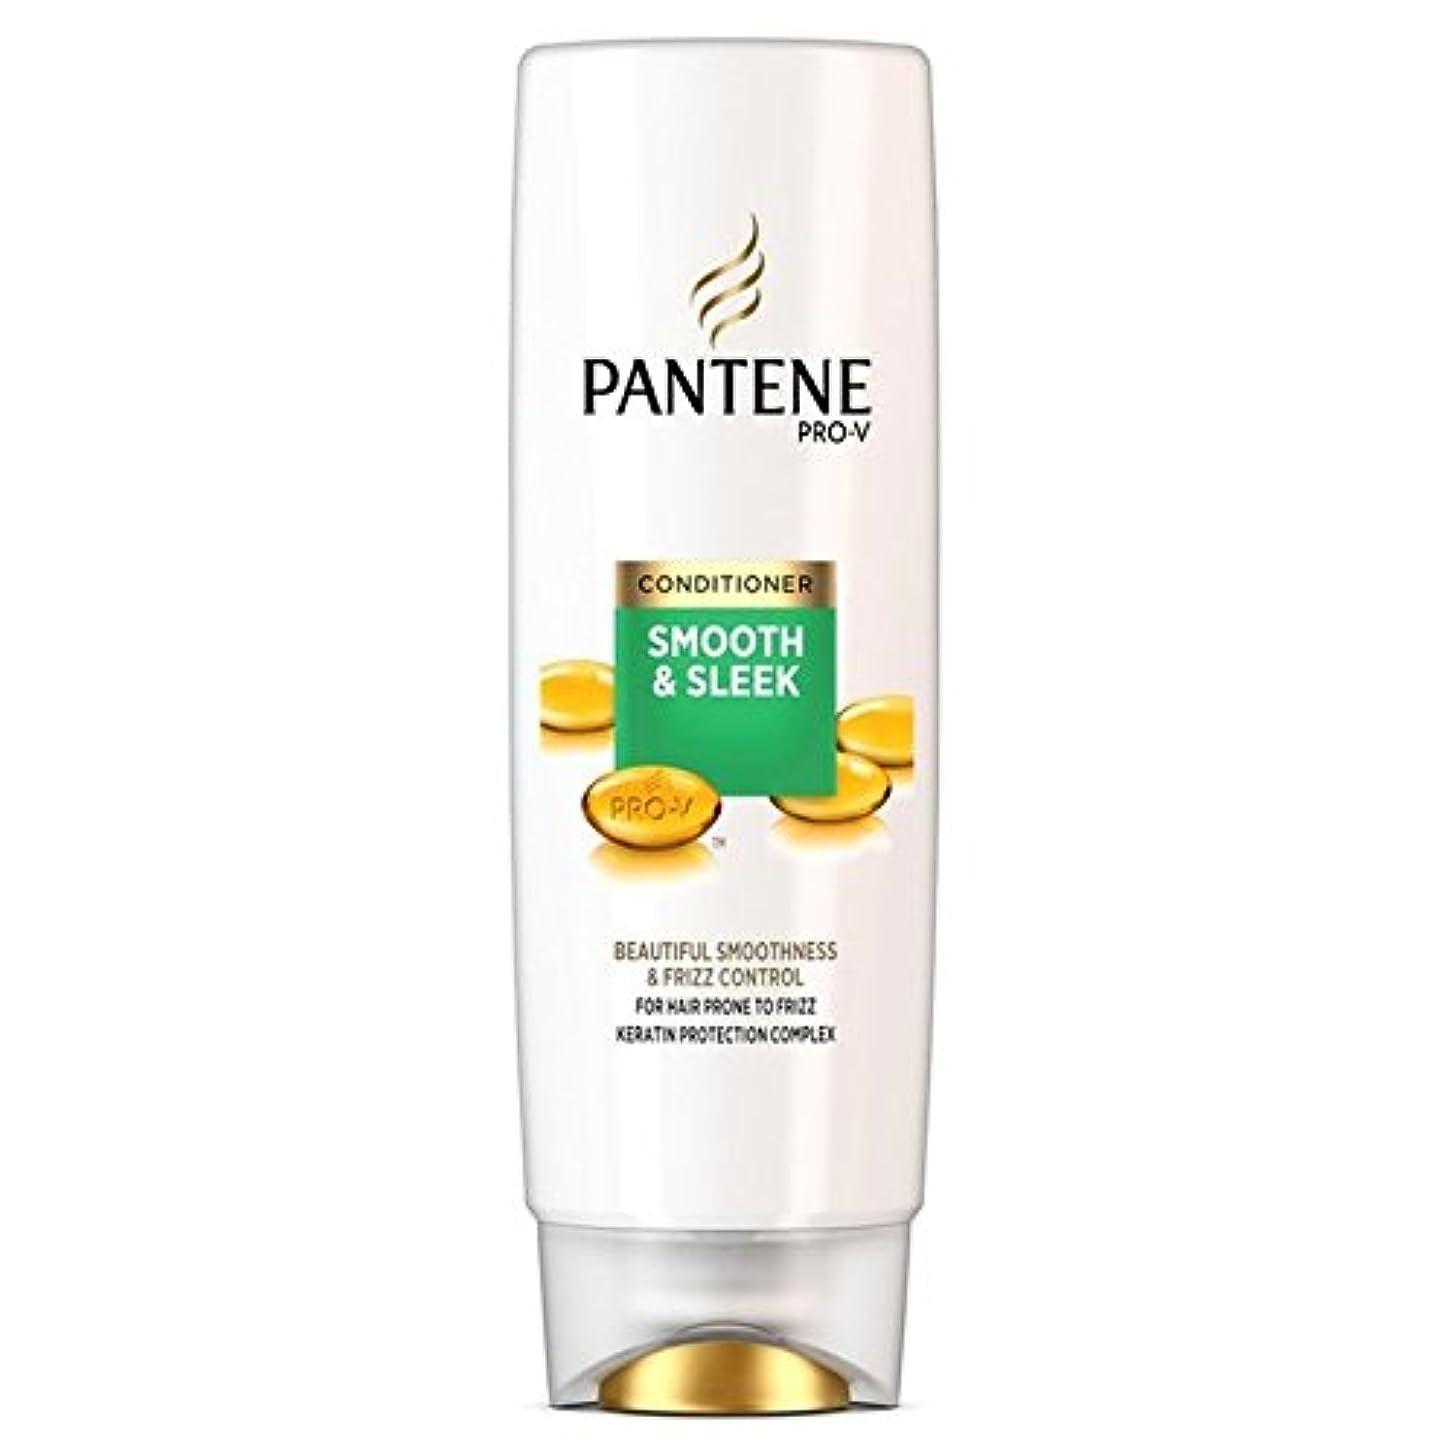 ラフレシアアルノルディ動かす評価可能Pantene Conditioner Smooth & Sleek For Hair Prone to Frizz 250ml - パンテーンコンディショナースムーズ&縮れ250ミリリットルを受けやすい髪になめらかな...